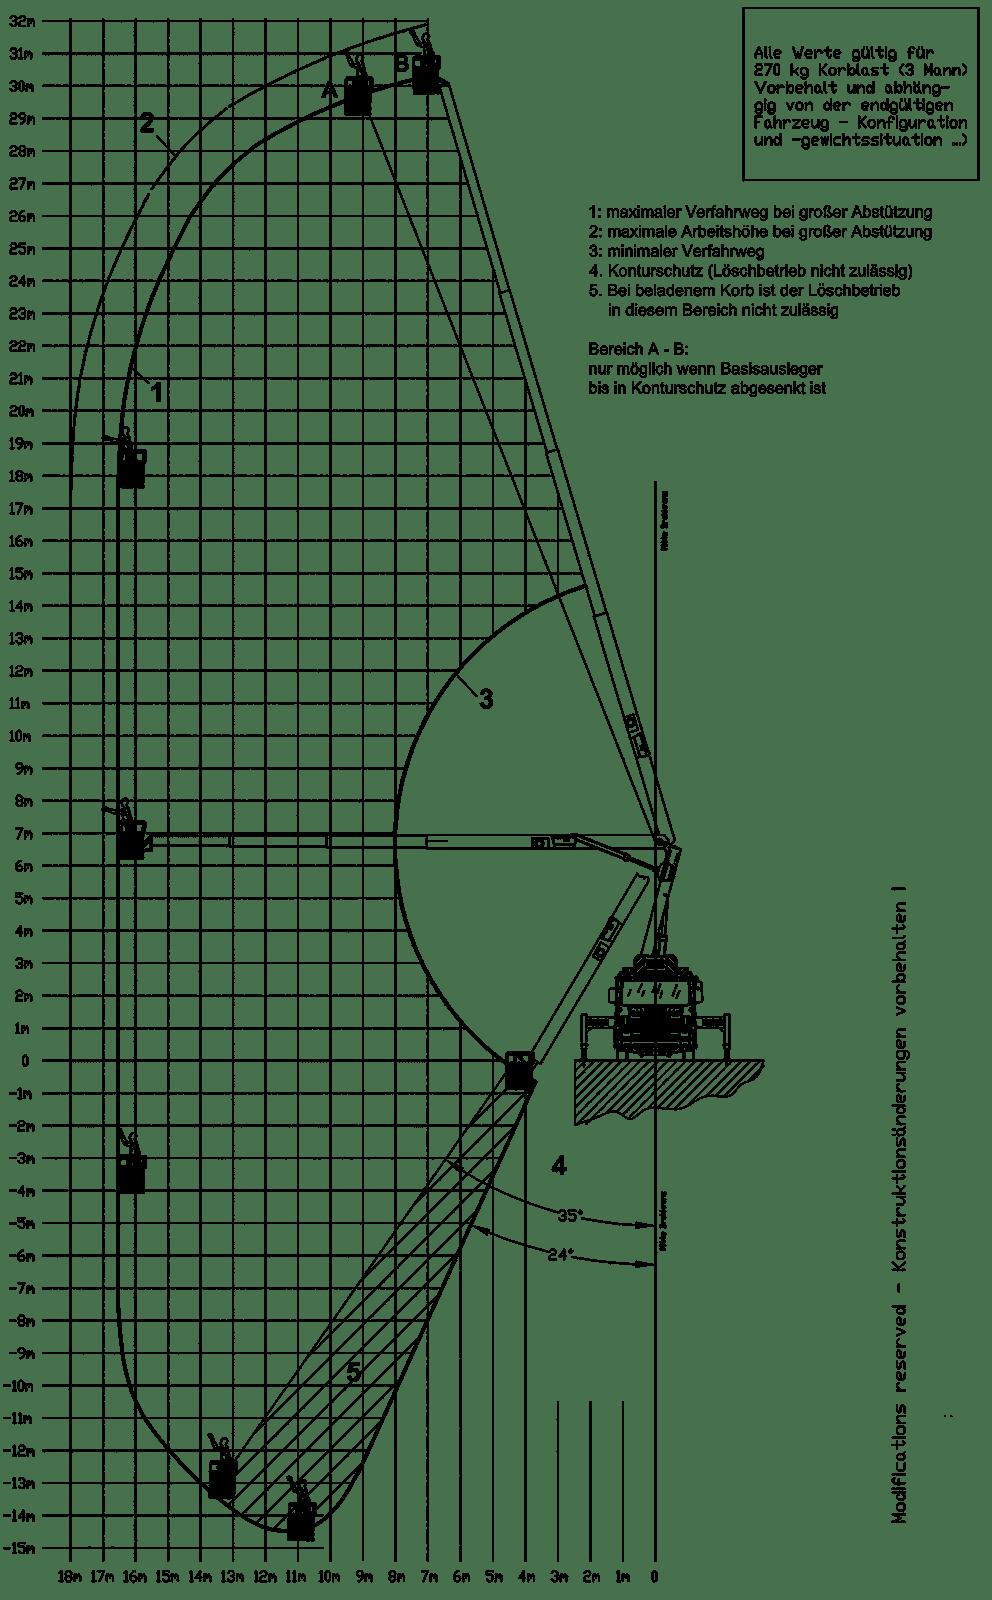 Ziemlich Einphasiges Liniendiagramm Ideen - Der Schaltplan ...